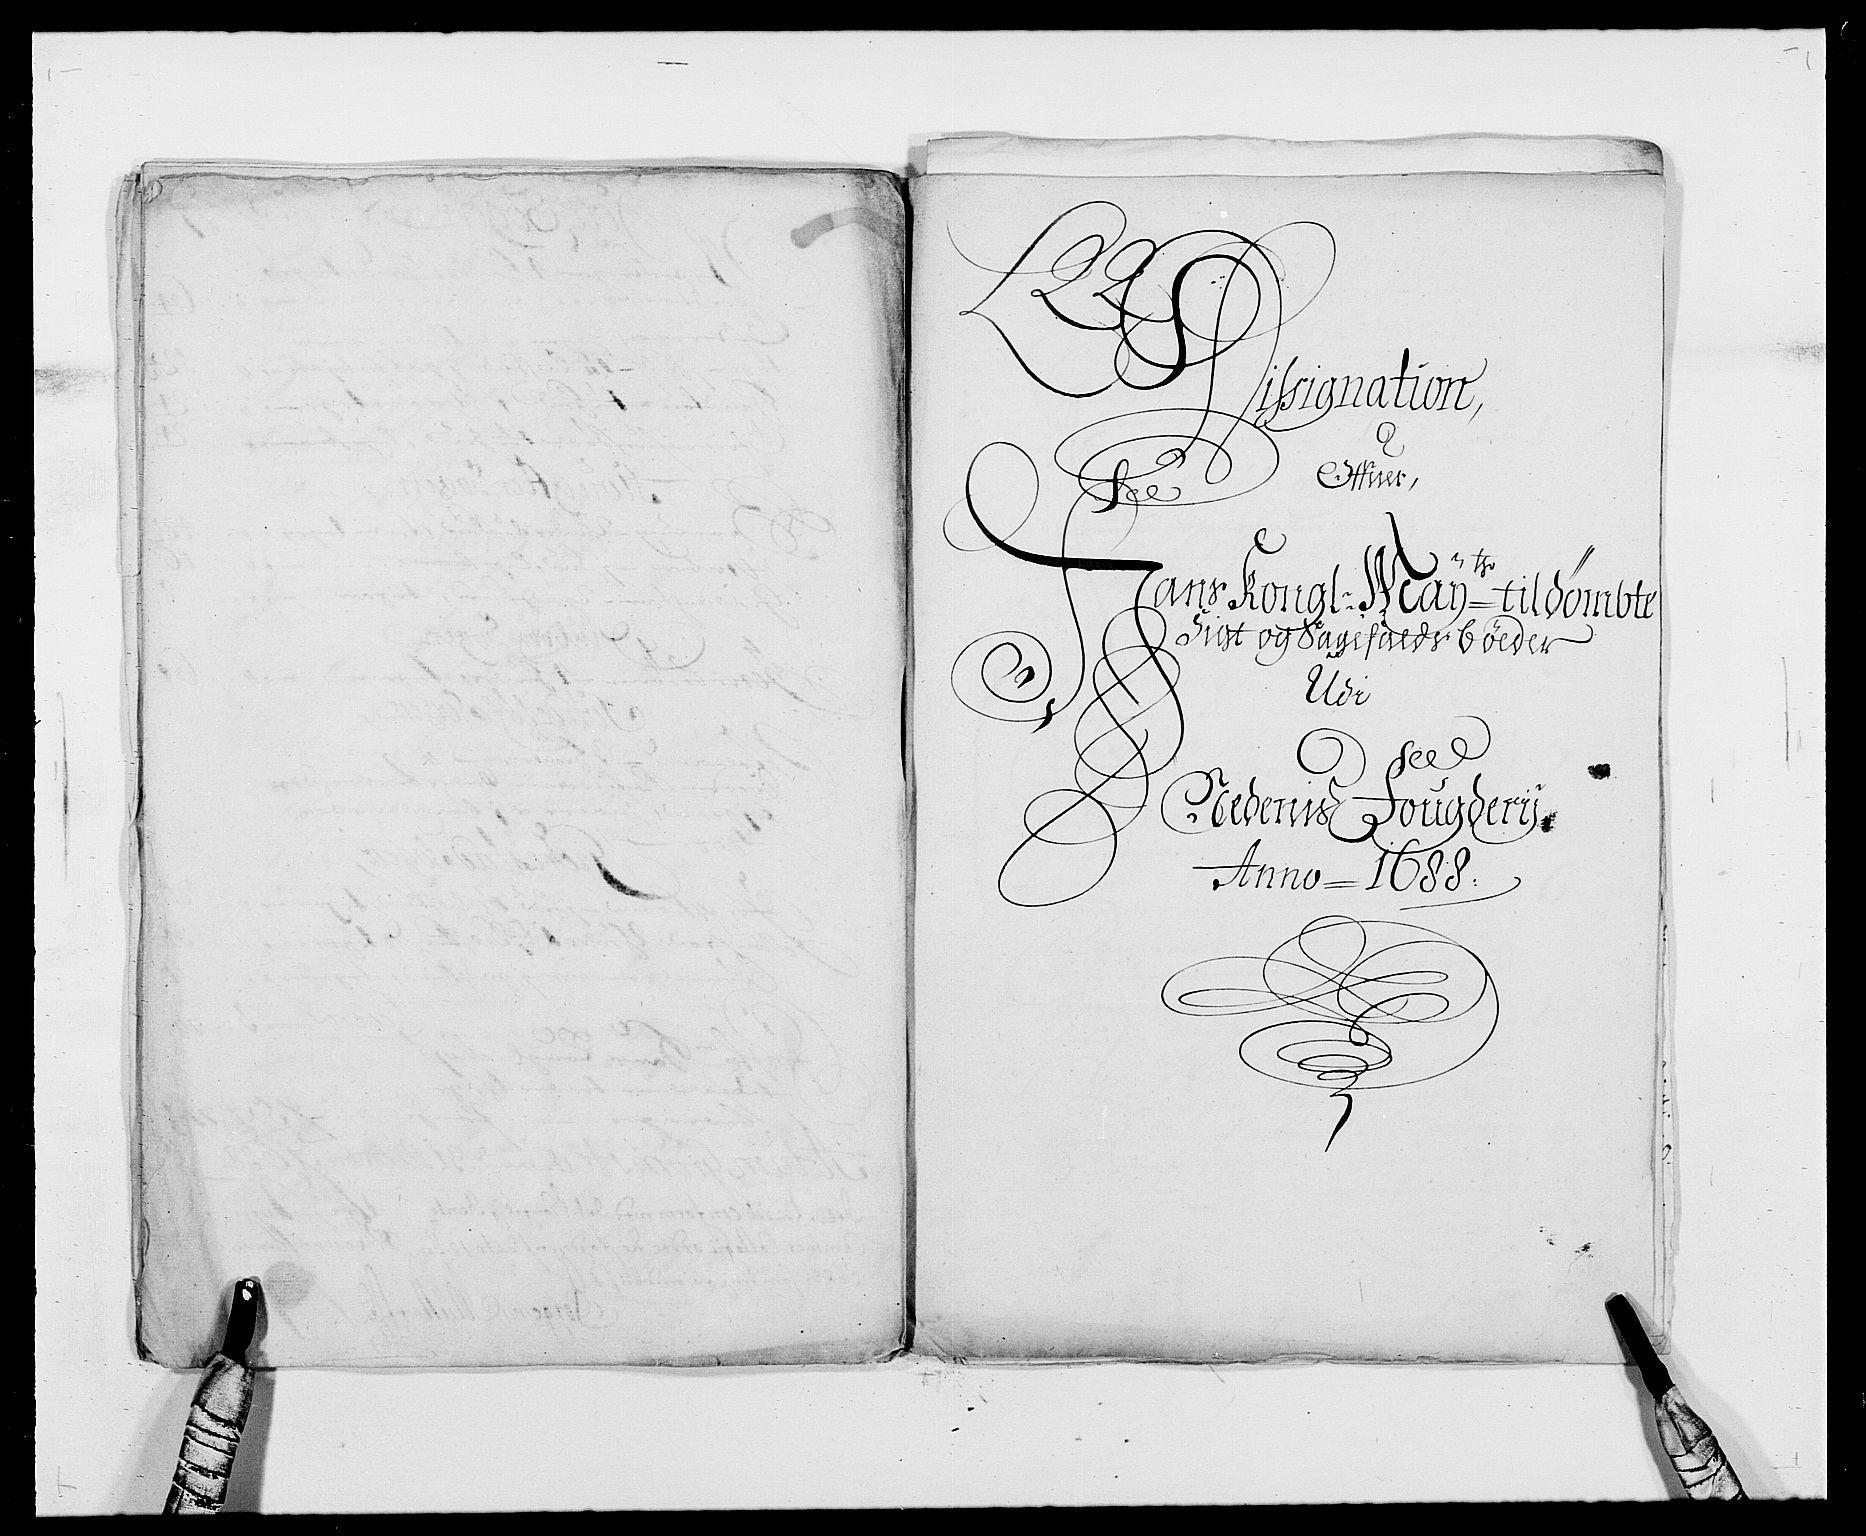 RA, Rentekammeret inntil 1814, Reviderte regnskaper, Fogderegnskap, R39/L2309: Fogderegnskap Nedenes, 1684-1689, s. 149